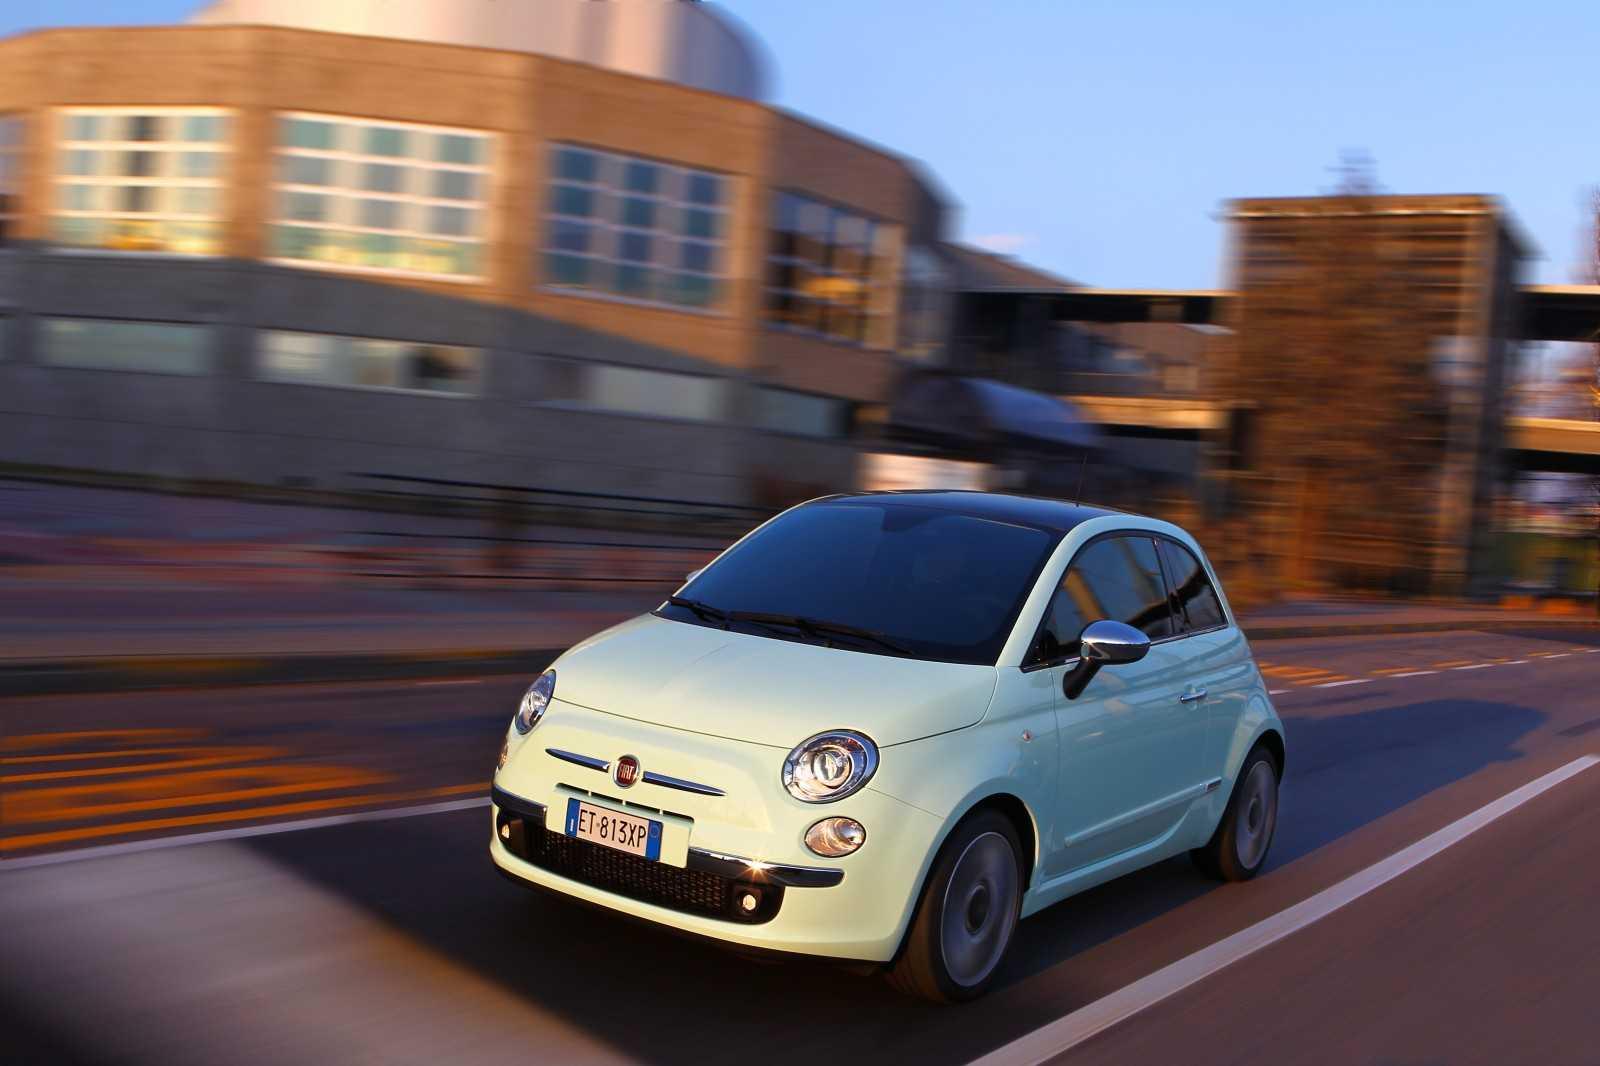 Fiat 500x цена, технические характеристики, фото, видео тест-драйв